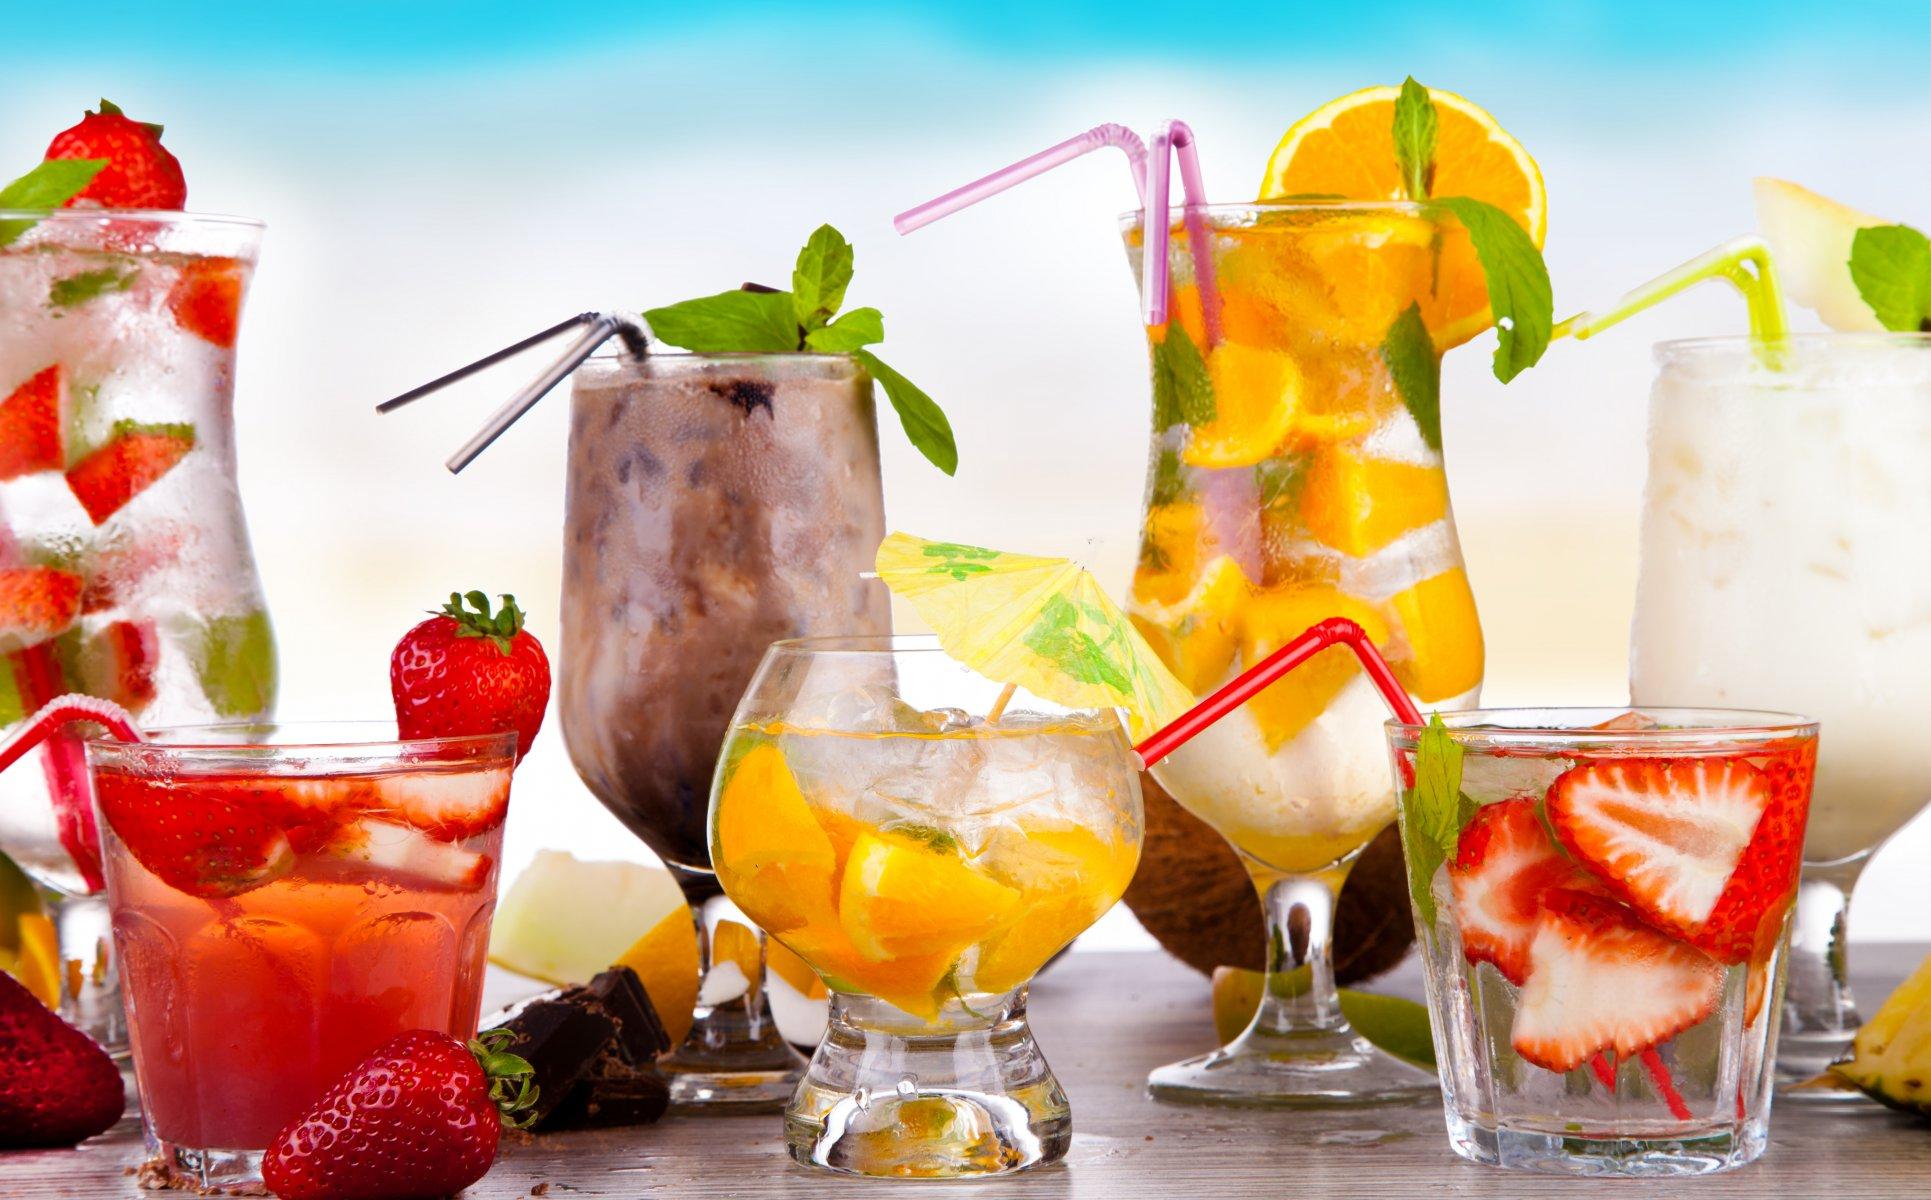 безалкогольные напитки фото из рекламы могут быть низком